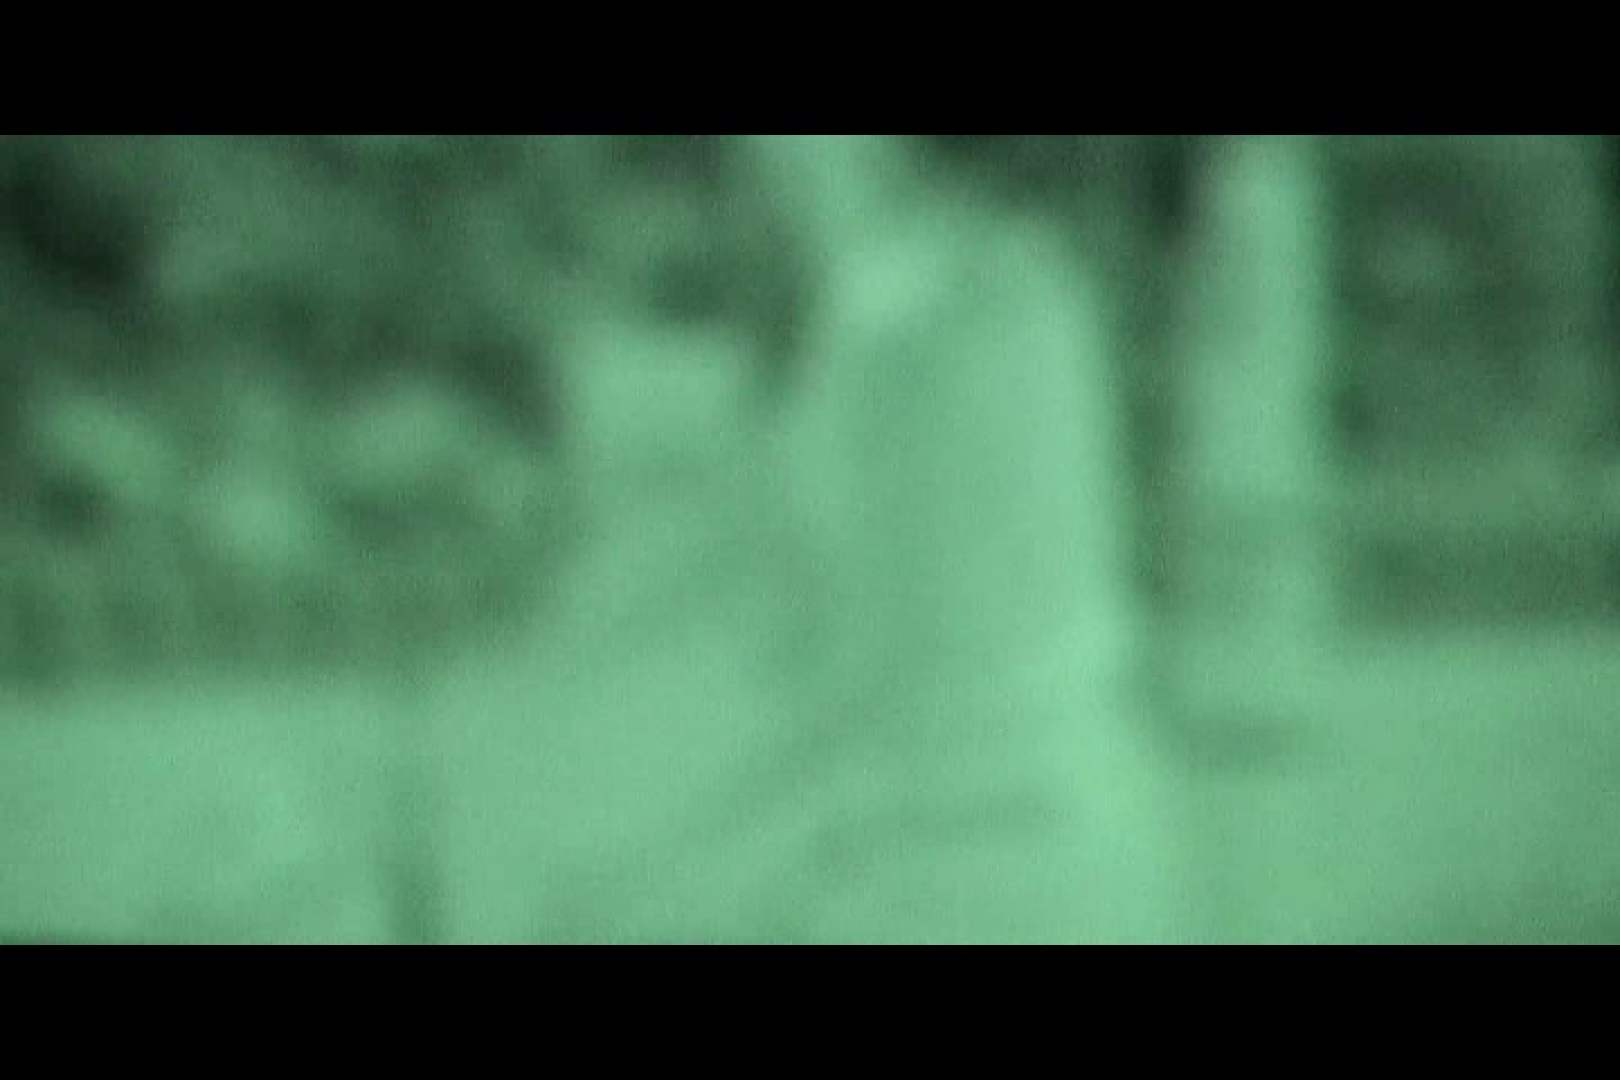 赤外線ムレスケバレー(汗) vol.16 アスリート 隠し撮りオマンコ動画紹介 91枚 68